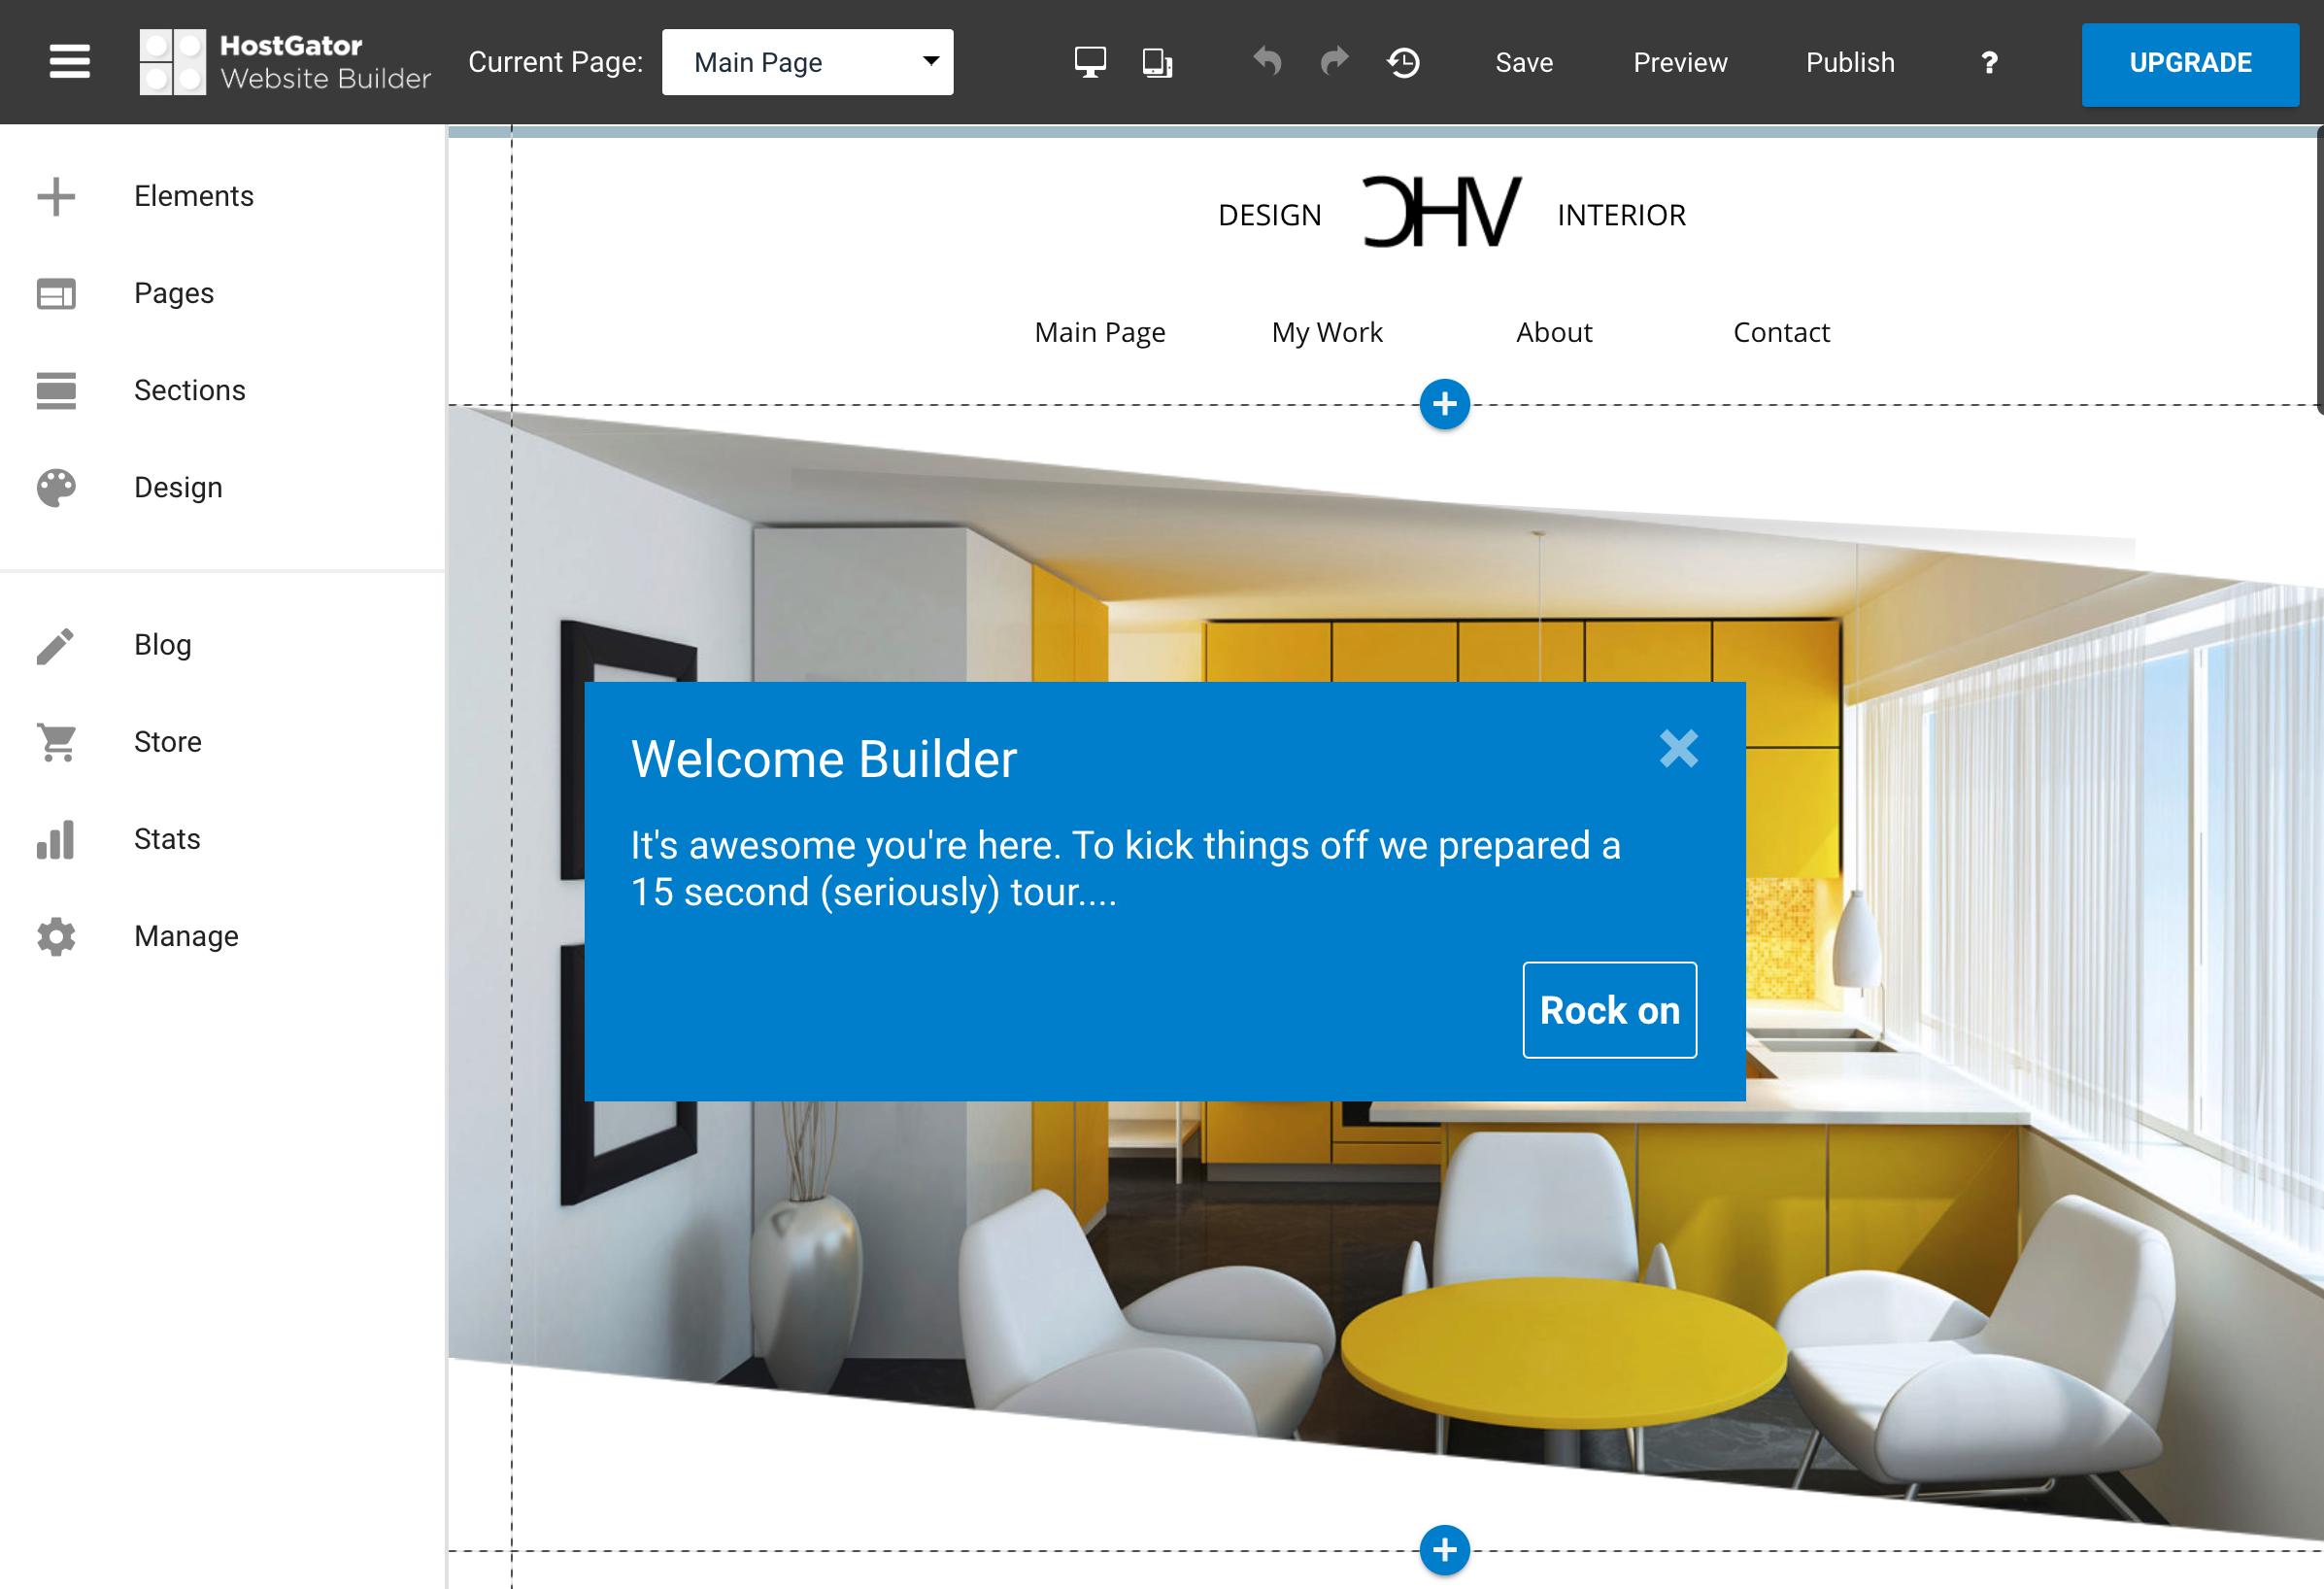 HostGator Website Builder Getting Started Tour